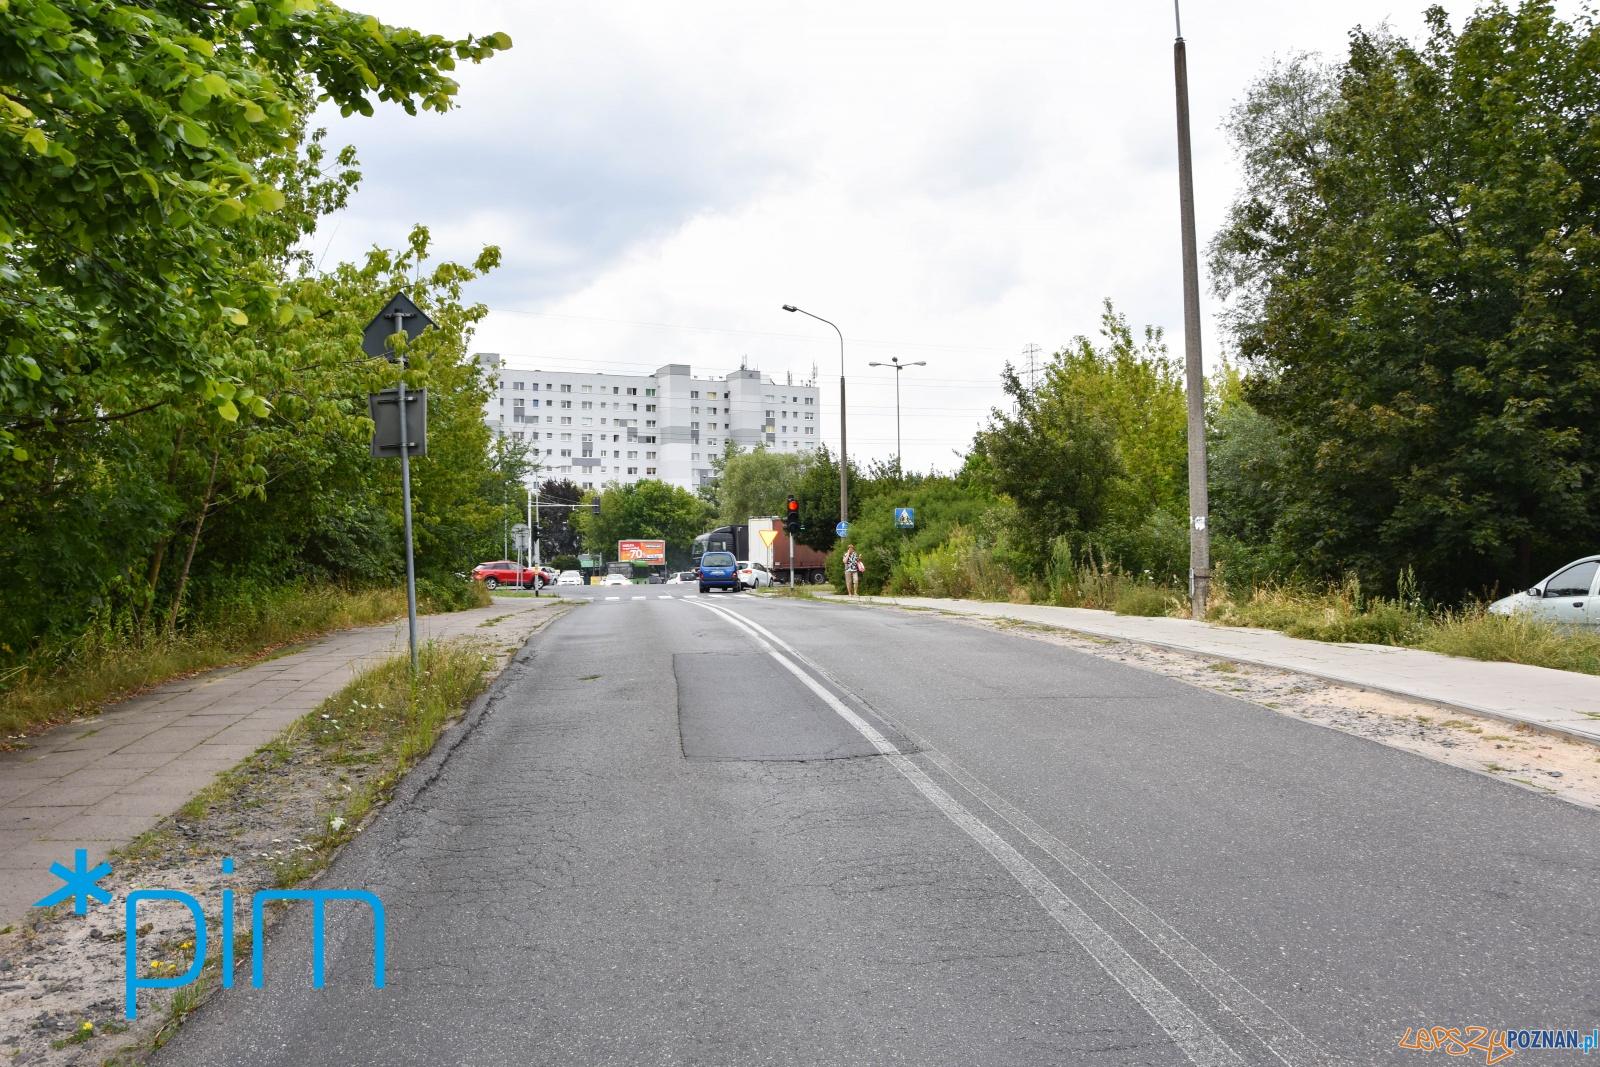 Przebudowa ulicy przy szpitalu na Szwajcarskiej  Foto: materiały prasowe / PIM